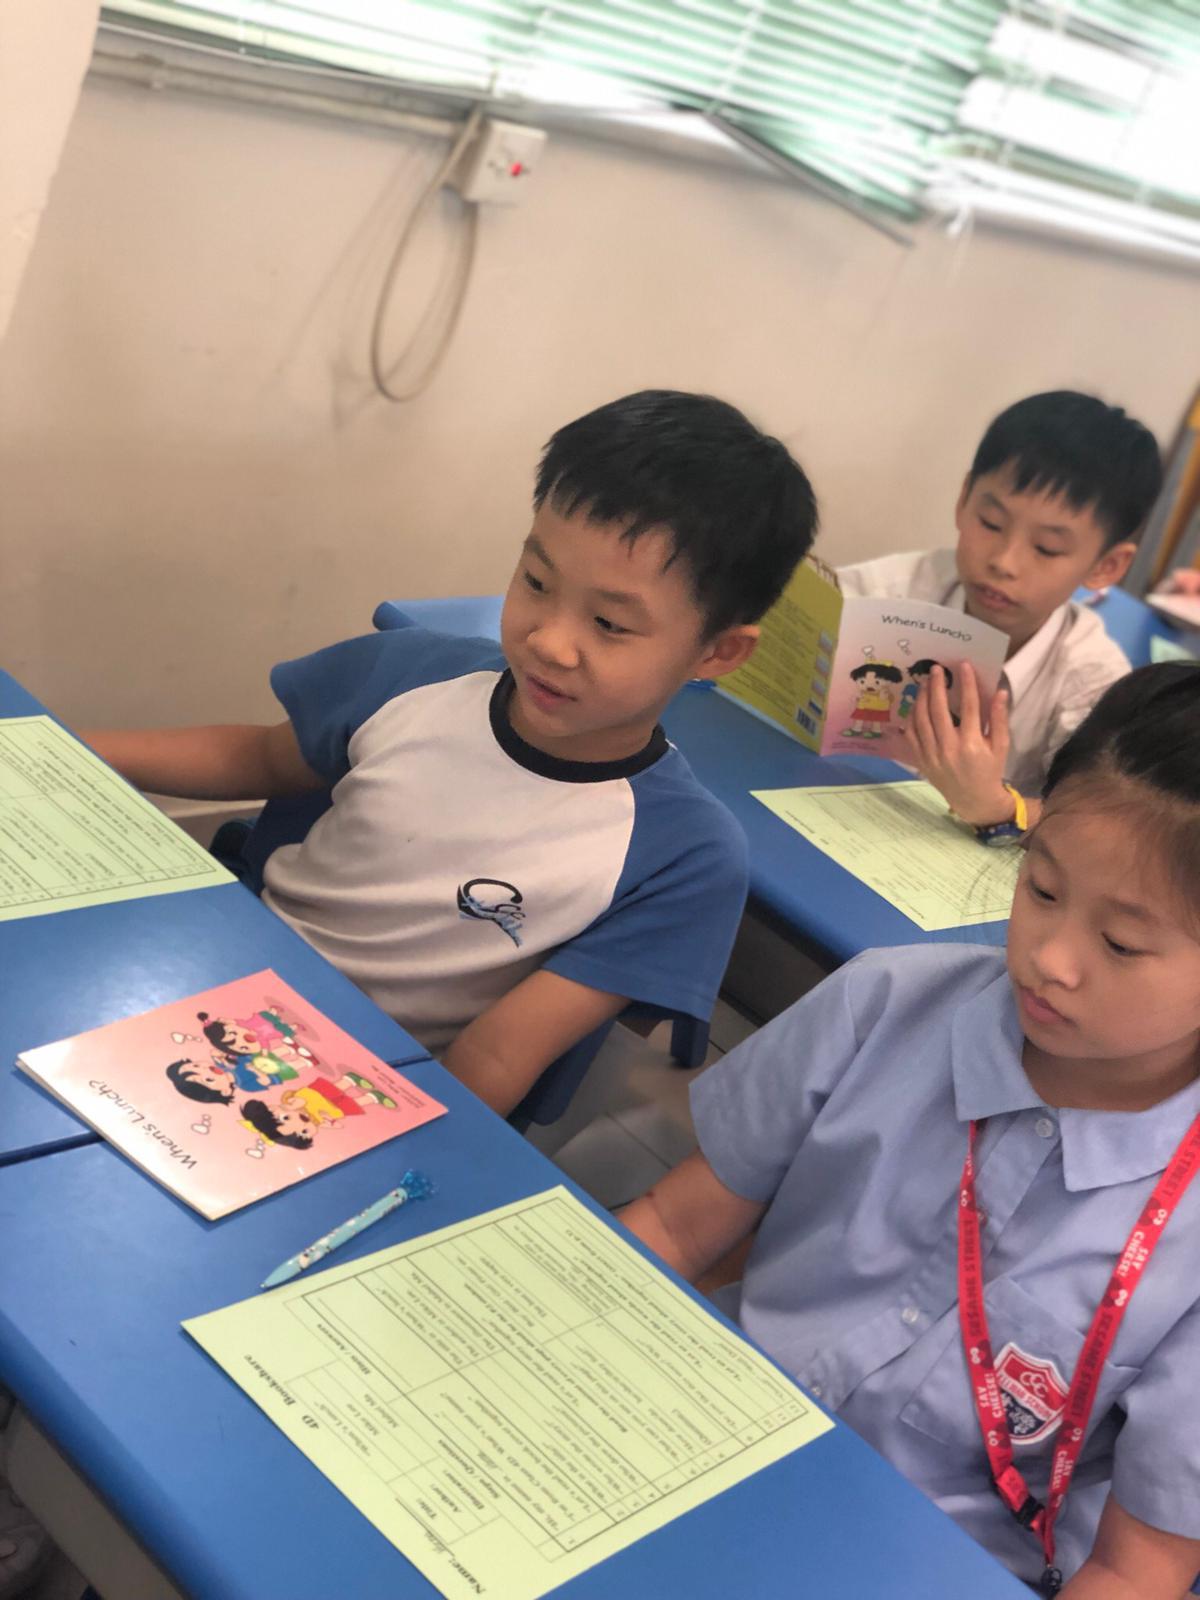 http://www.keiwan.edu.hk/sites/default/files/img-20191005-wa0026.jpg